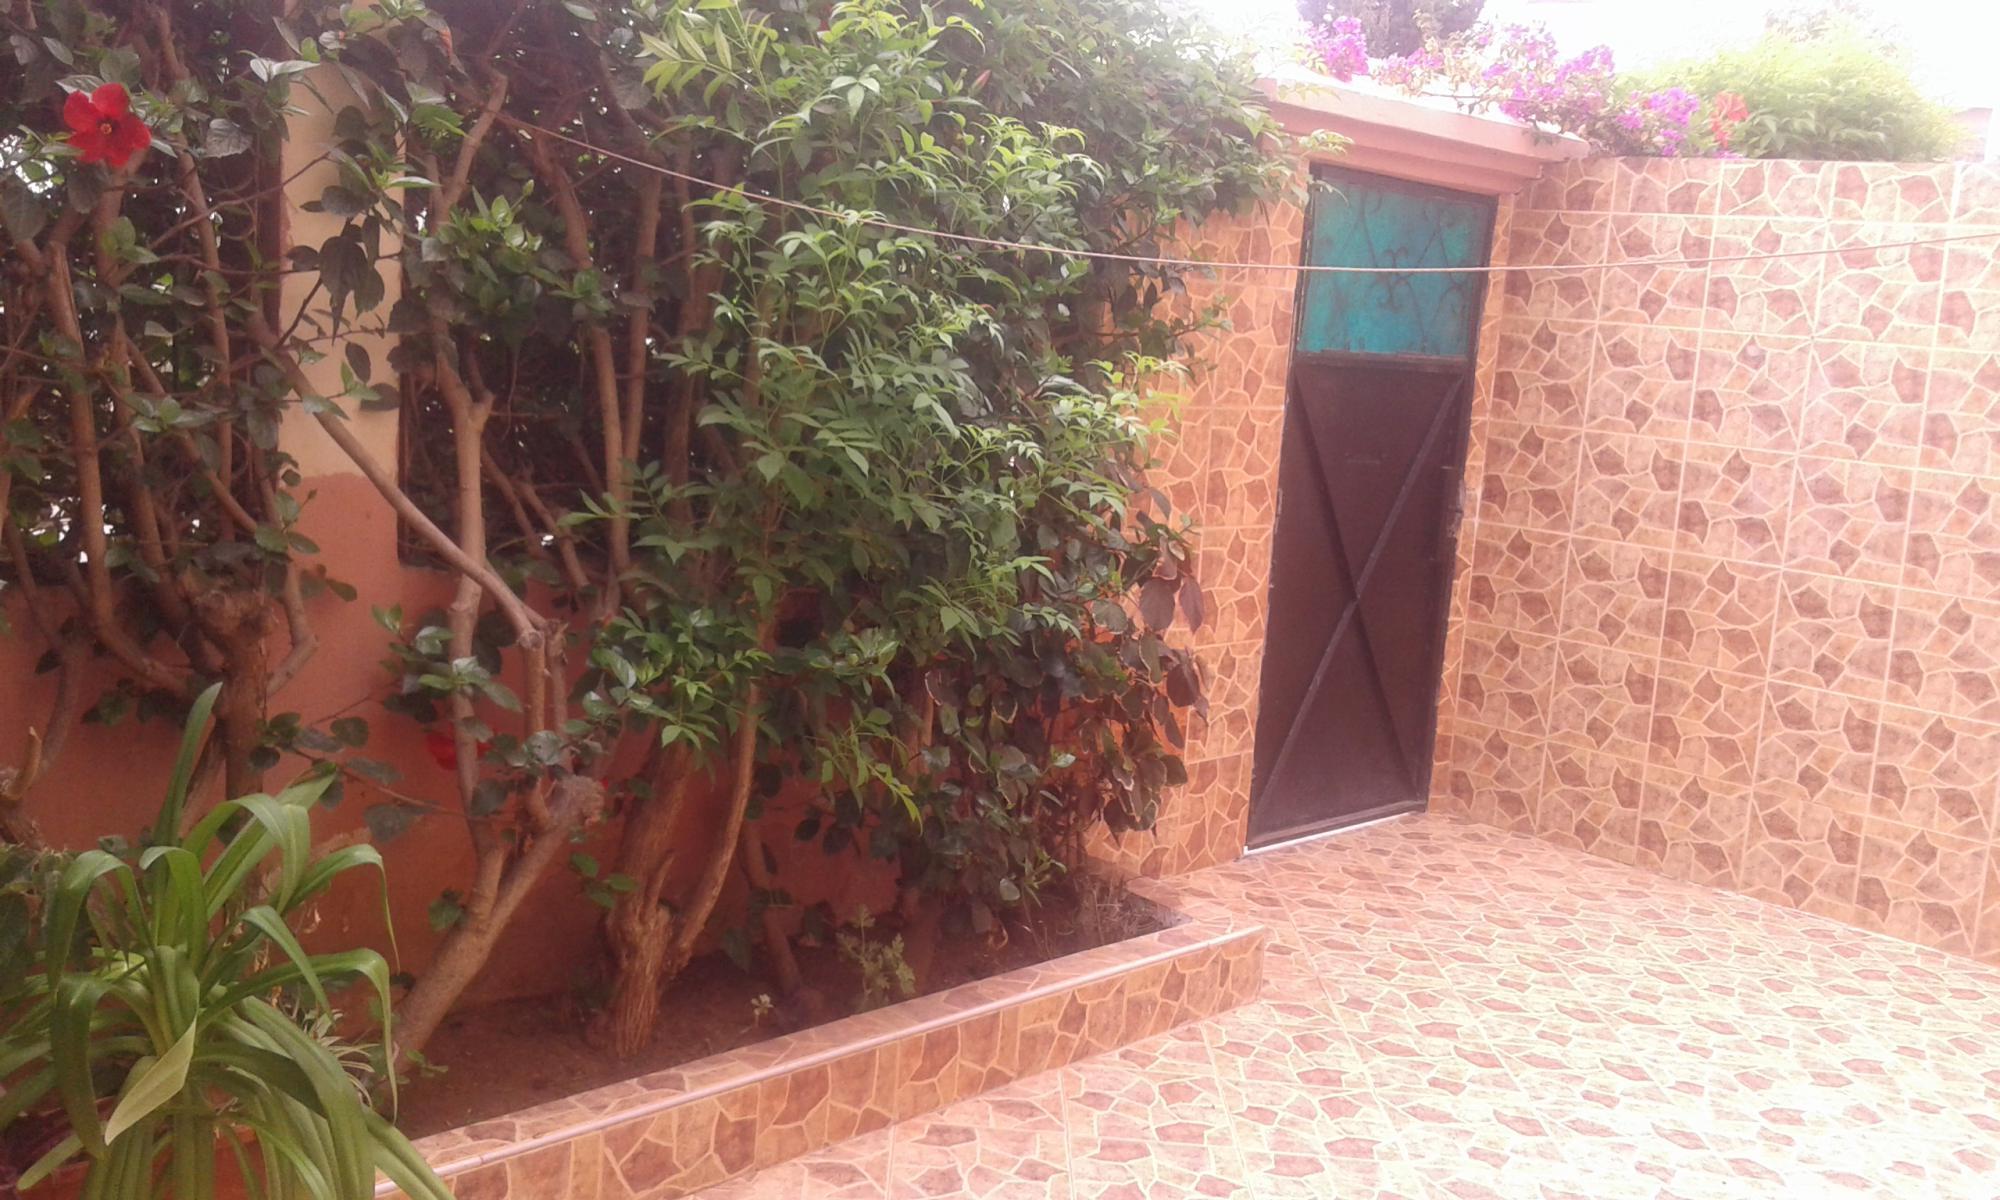 Maison magnifique louer longue dur e agadir for Agadir maison a louer